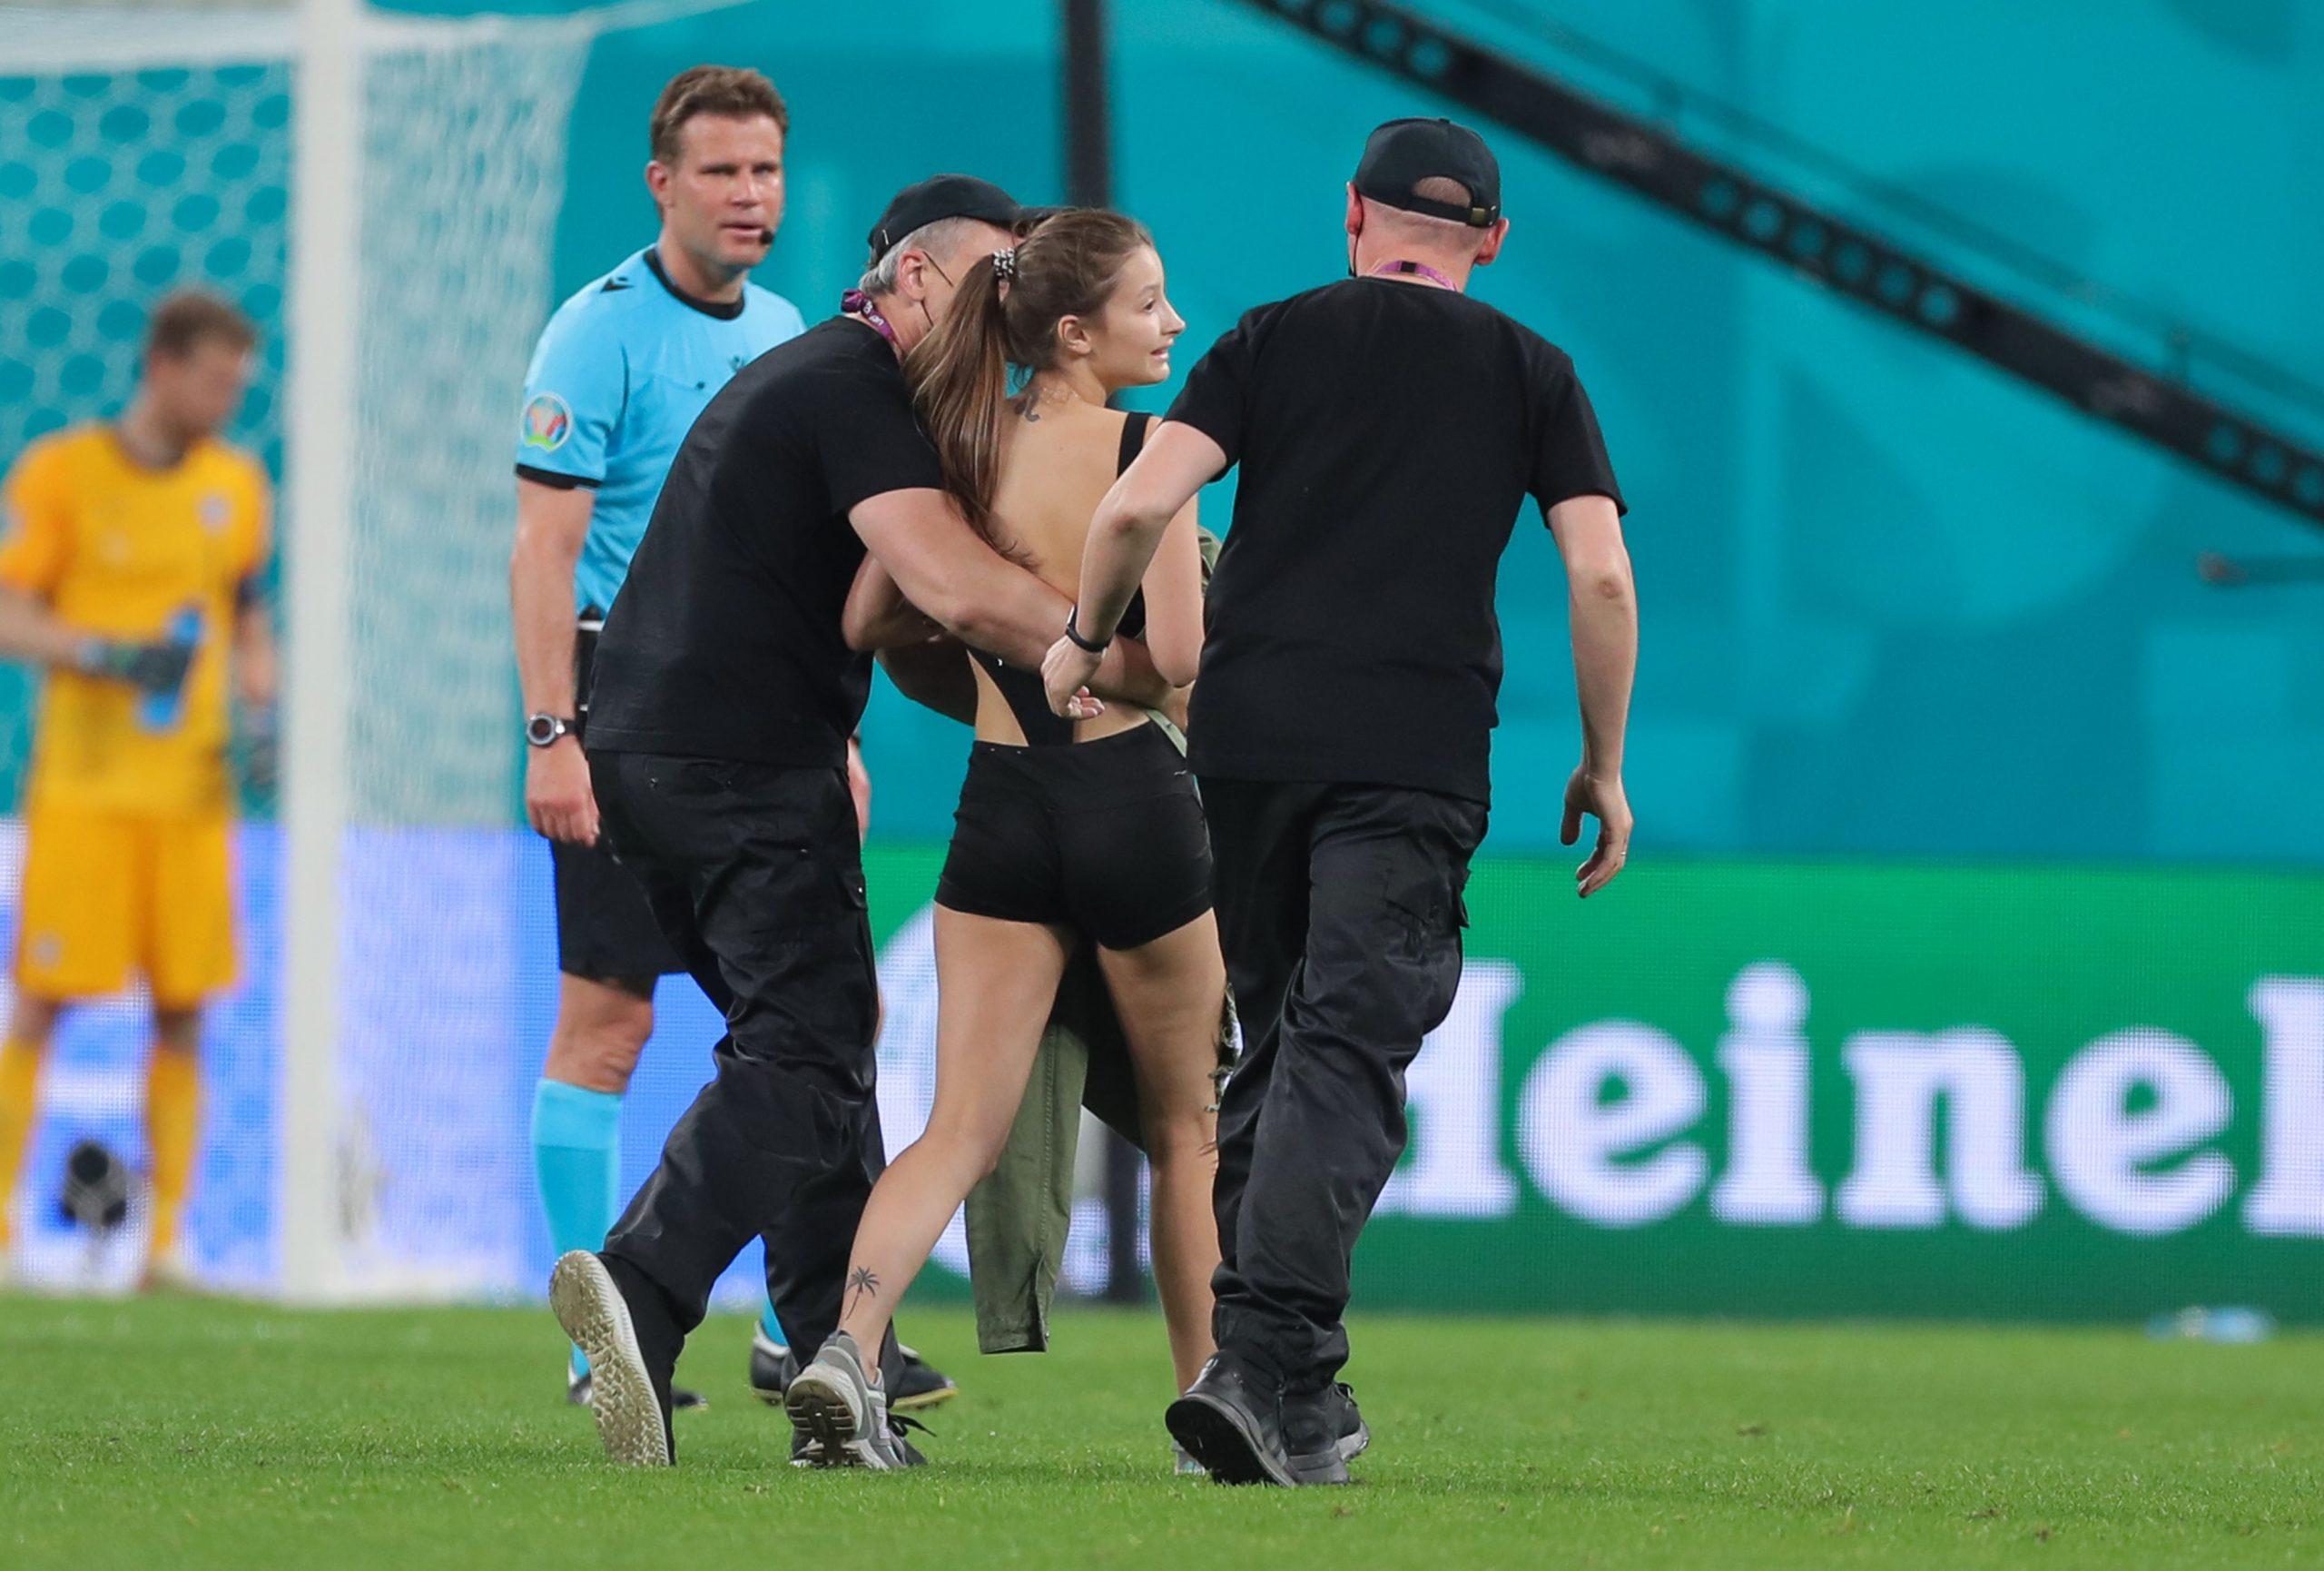 UEFA EURO 2020 - Finland vs Belgium